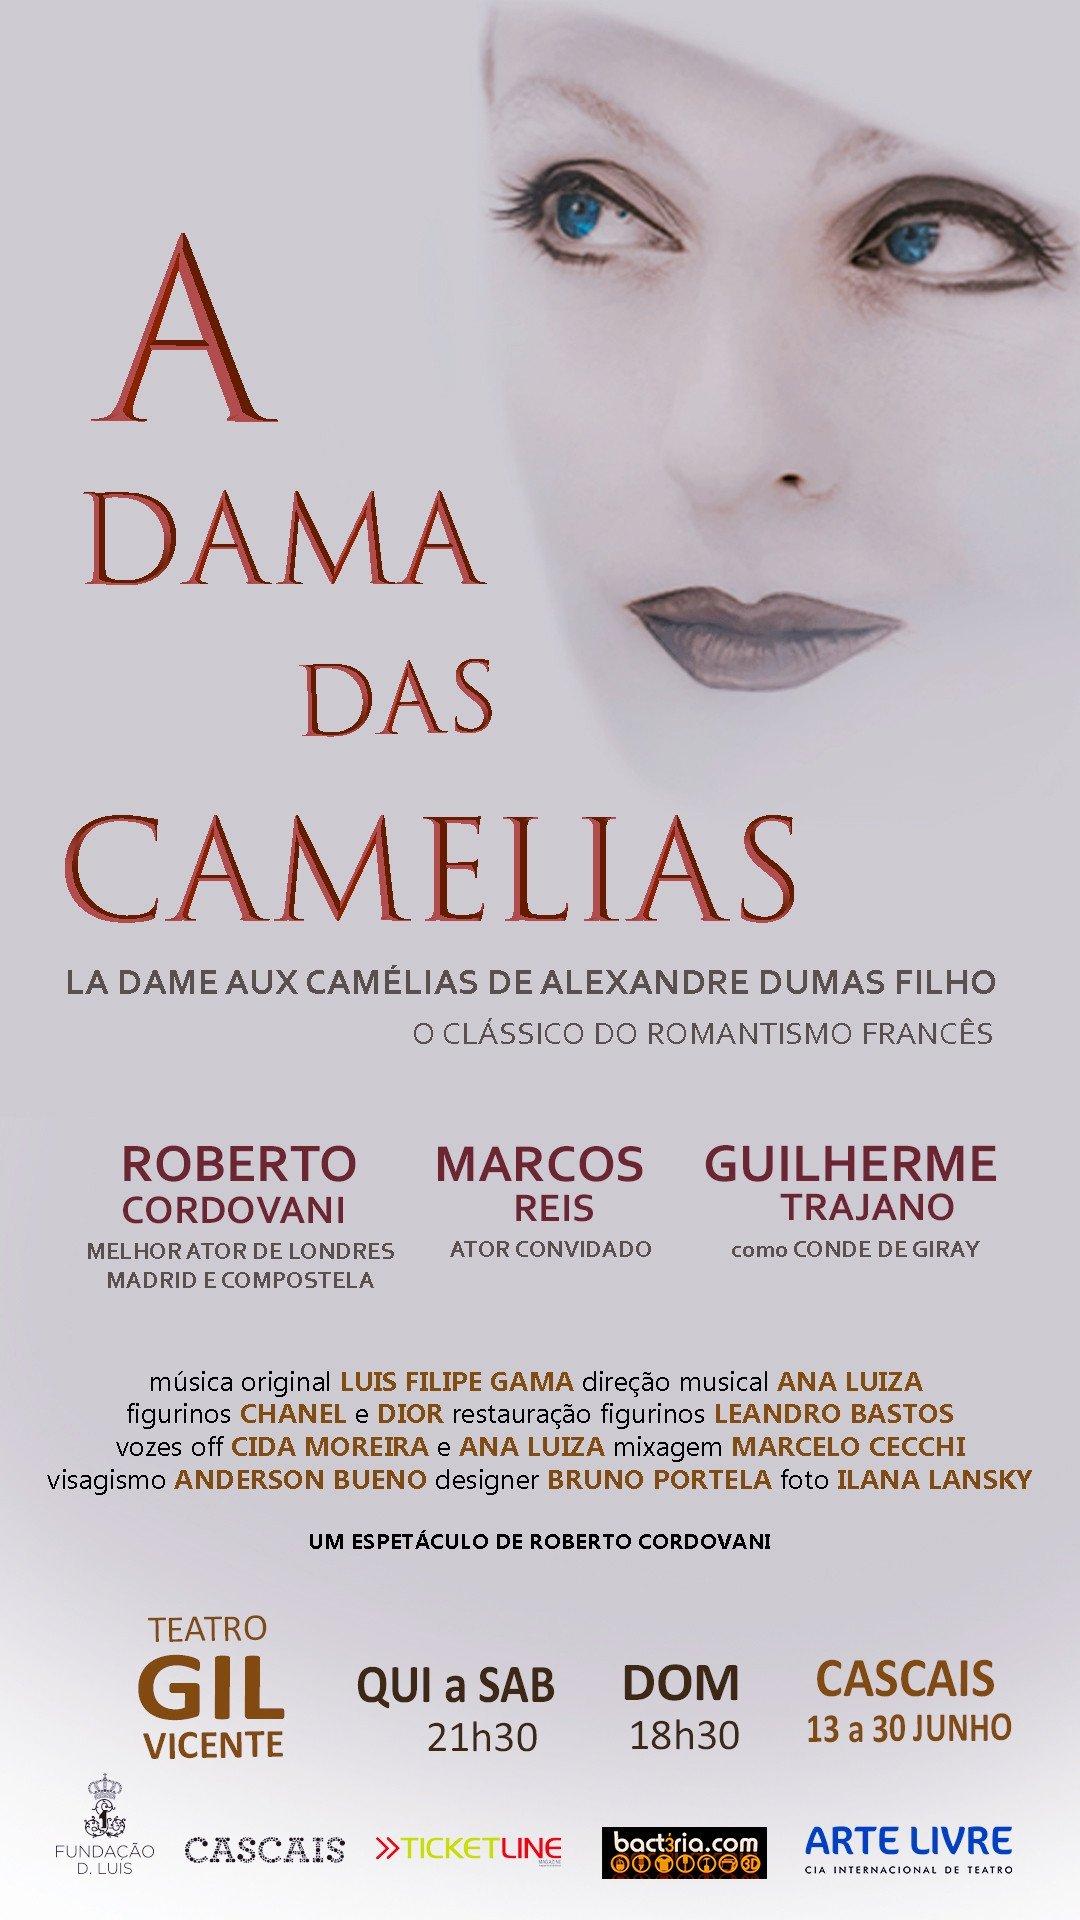 a-dama-das-camélias-cartaz